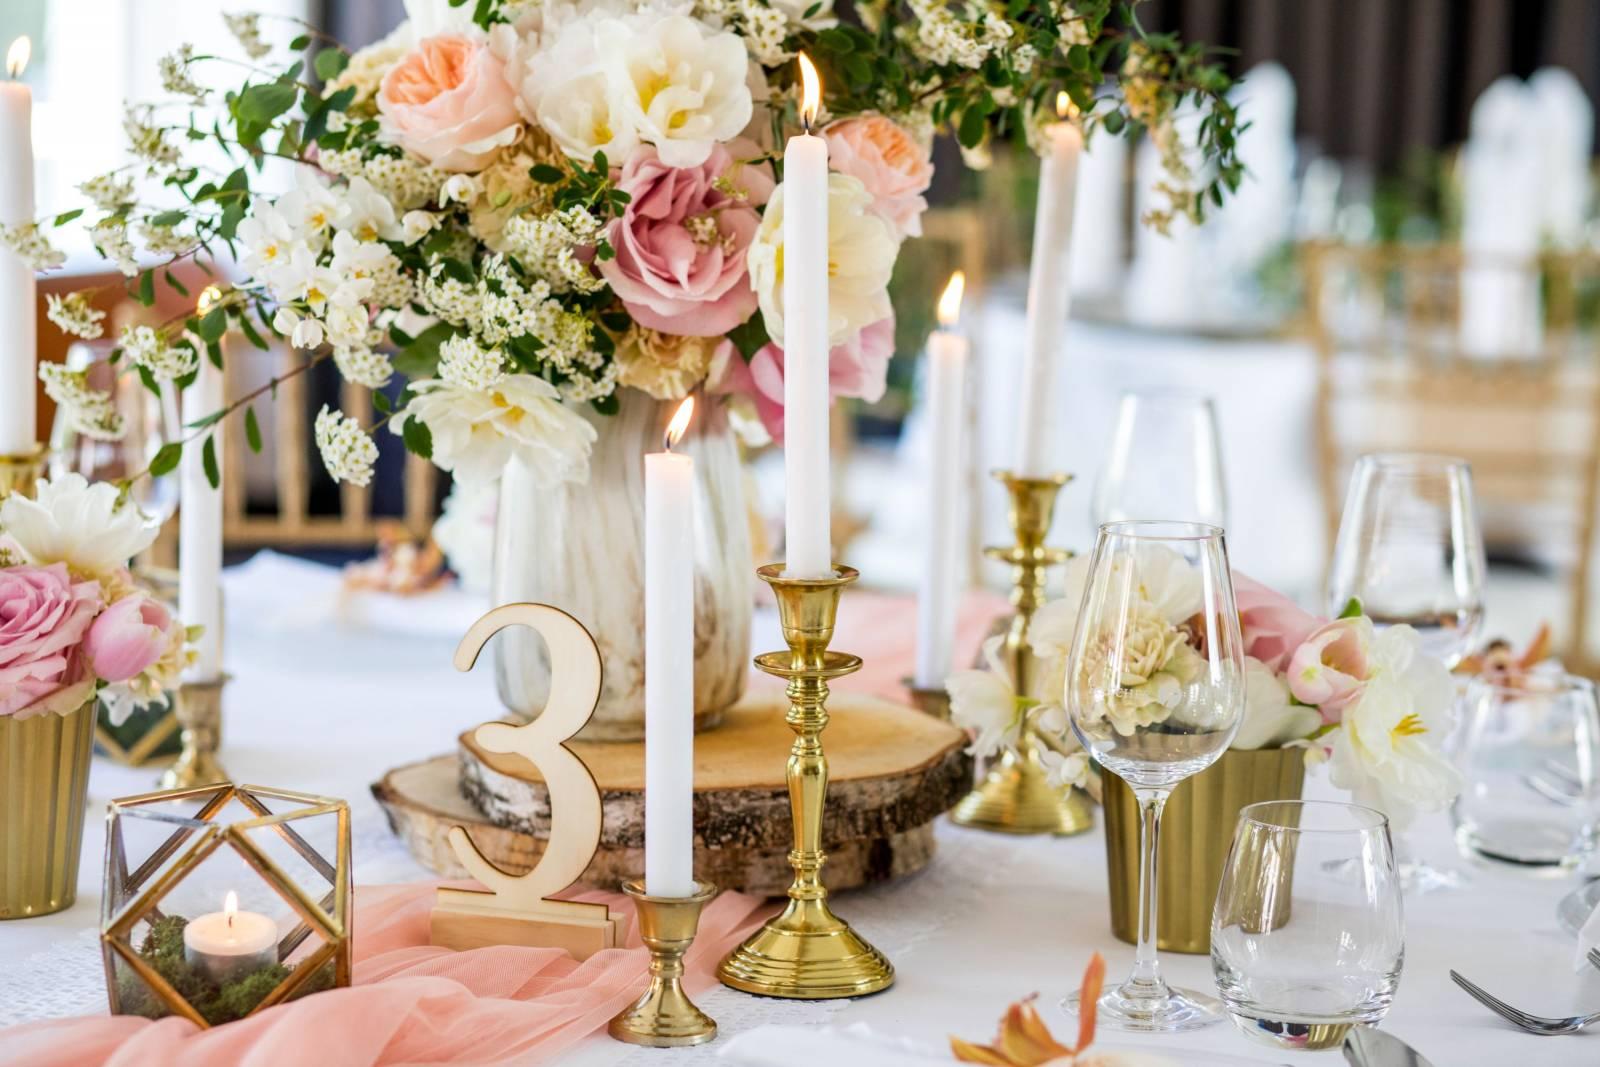 In Style Styling & Decoraties - Trouwdecoratie - Verhuurbedrijf - Wedding Design - House of Weddings - 29